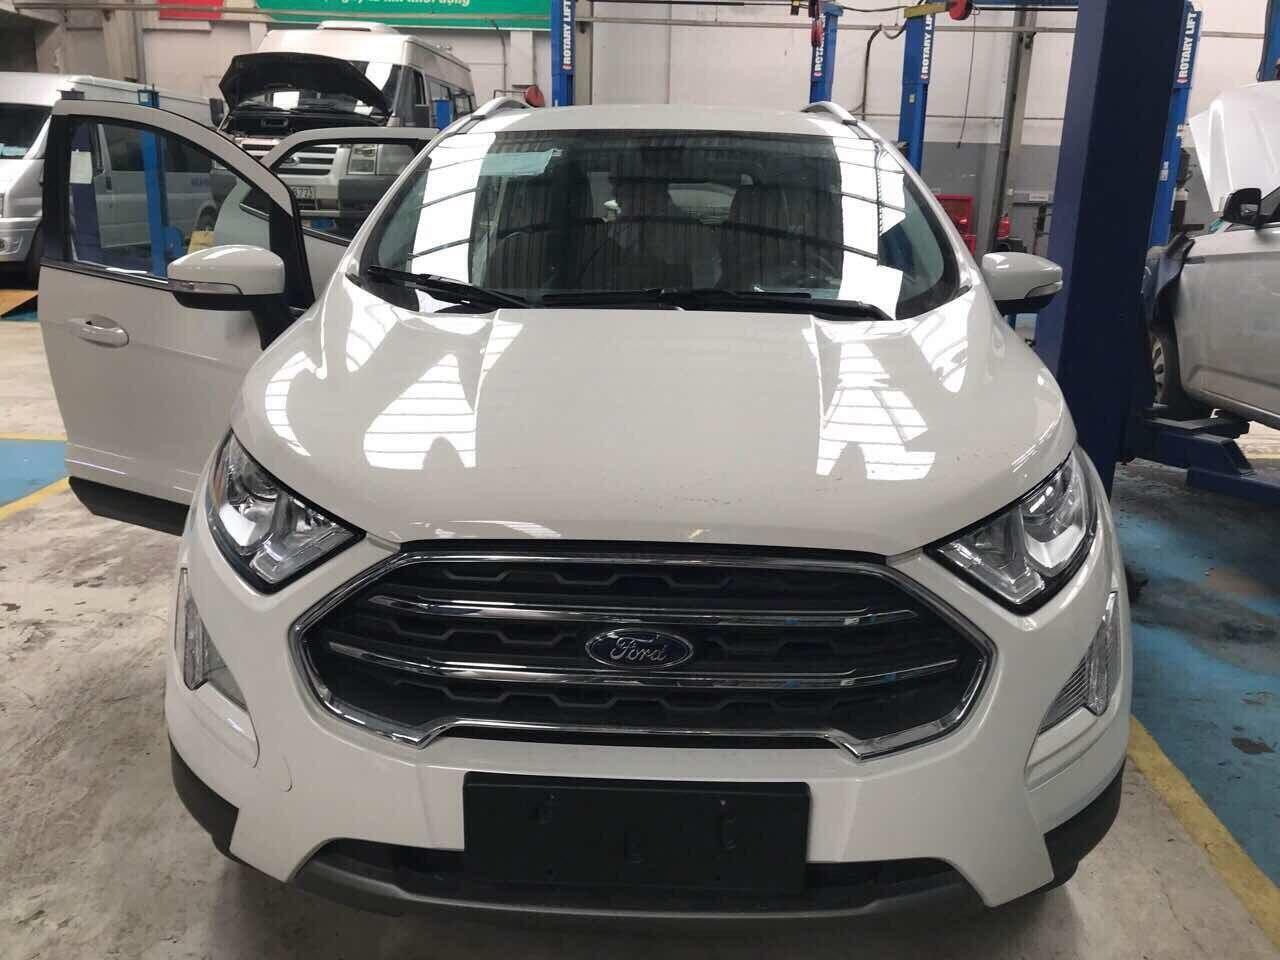 Ford Ecosport 2018 lộ diện trước ngày ra mắt tại Việt Nam, giá - Hình 1